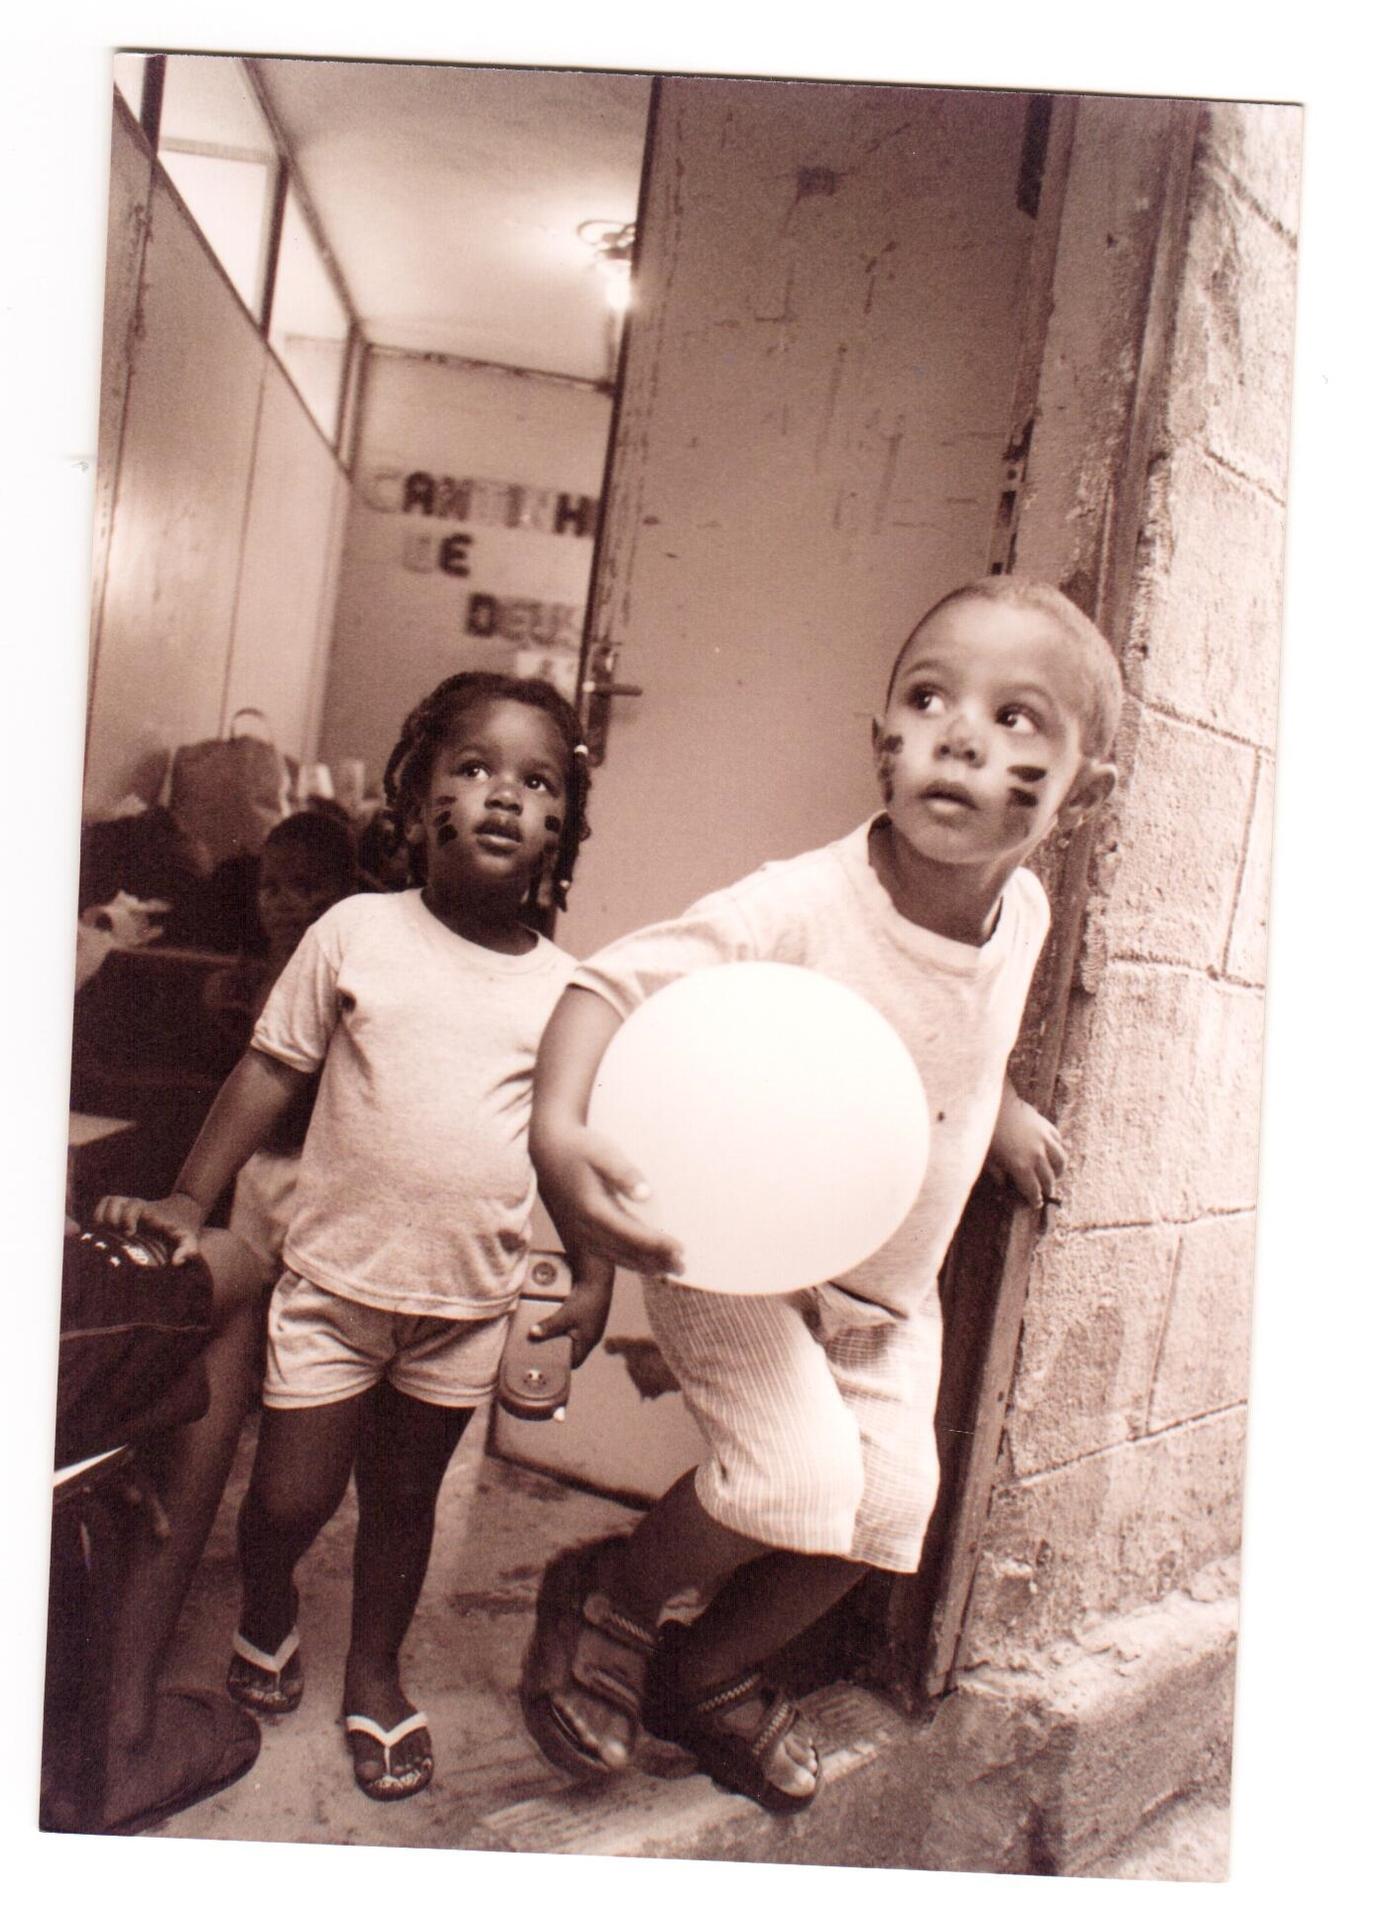 As fotos contam a história da fundação de creches comunitárias da Rocinha e Cantagalo, erguidas pelos próprios moradores. Hoje, as creches oferecem cuidado e educação e para mais de 600 crianças de até seis anos.